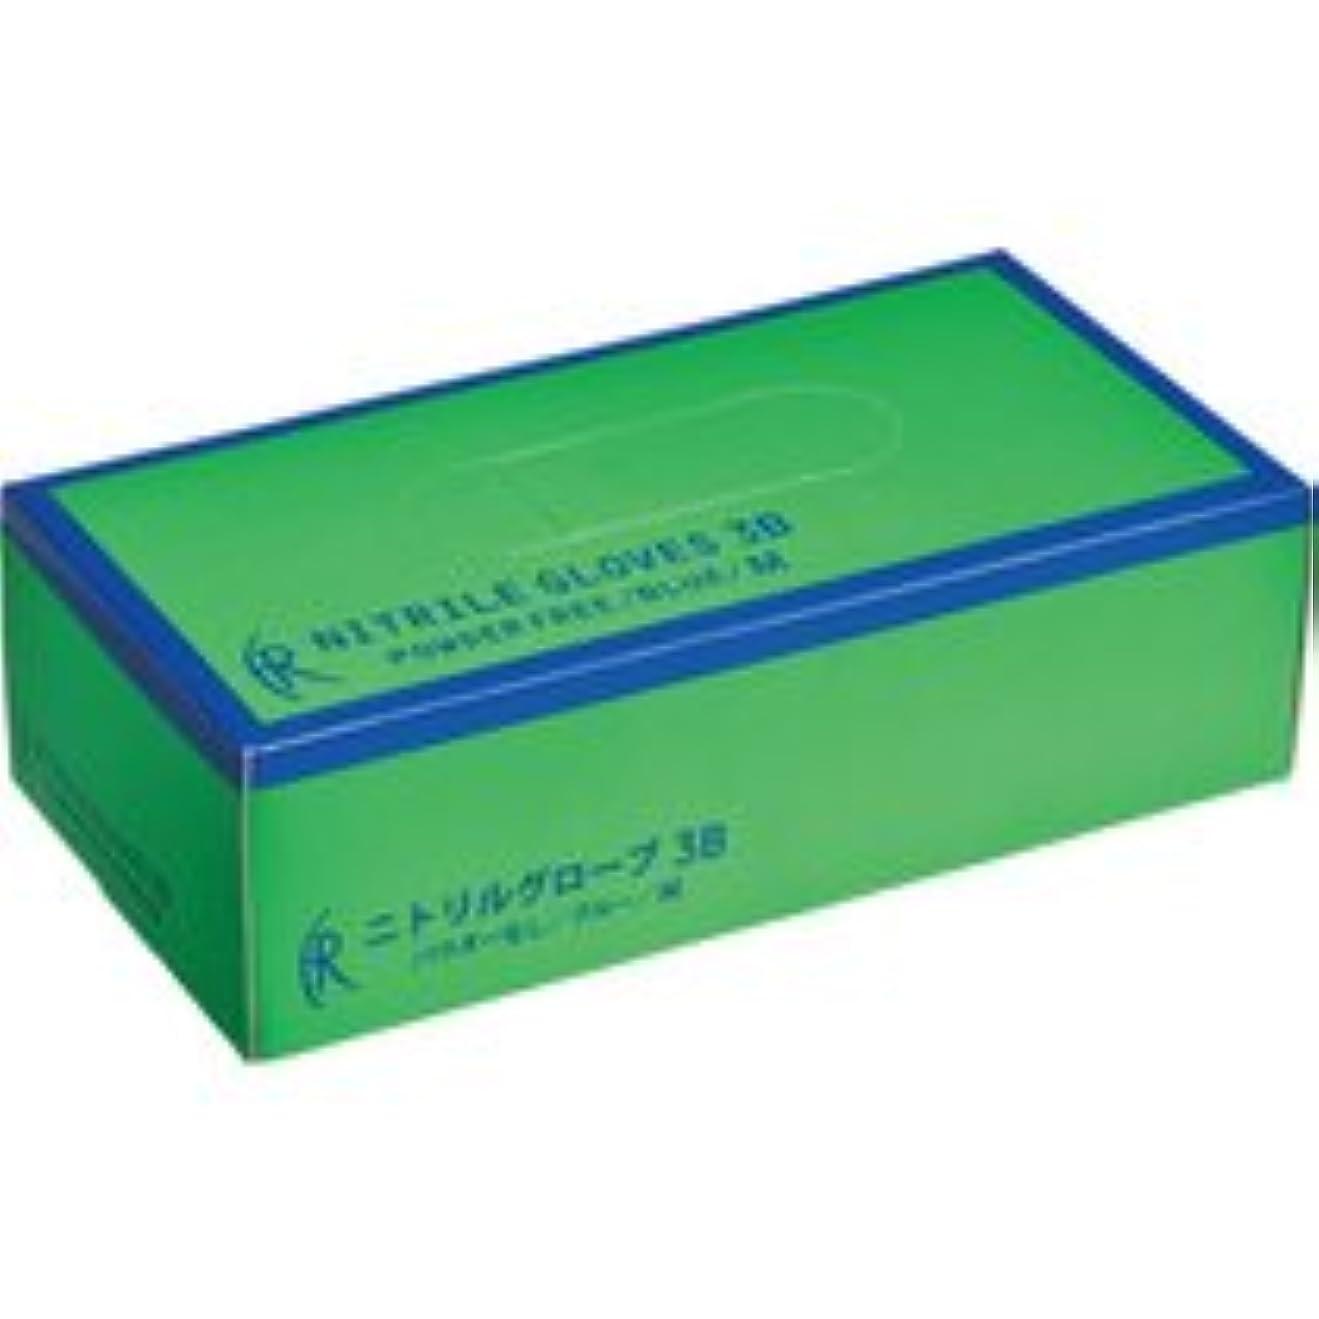 説教クリア濃度ファーストレイト ニトリルグローブ3B パウダーフリー M FR-5662 1箱(200枚)